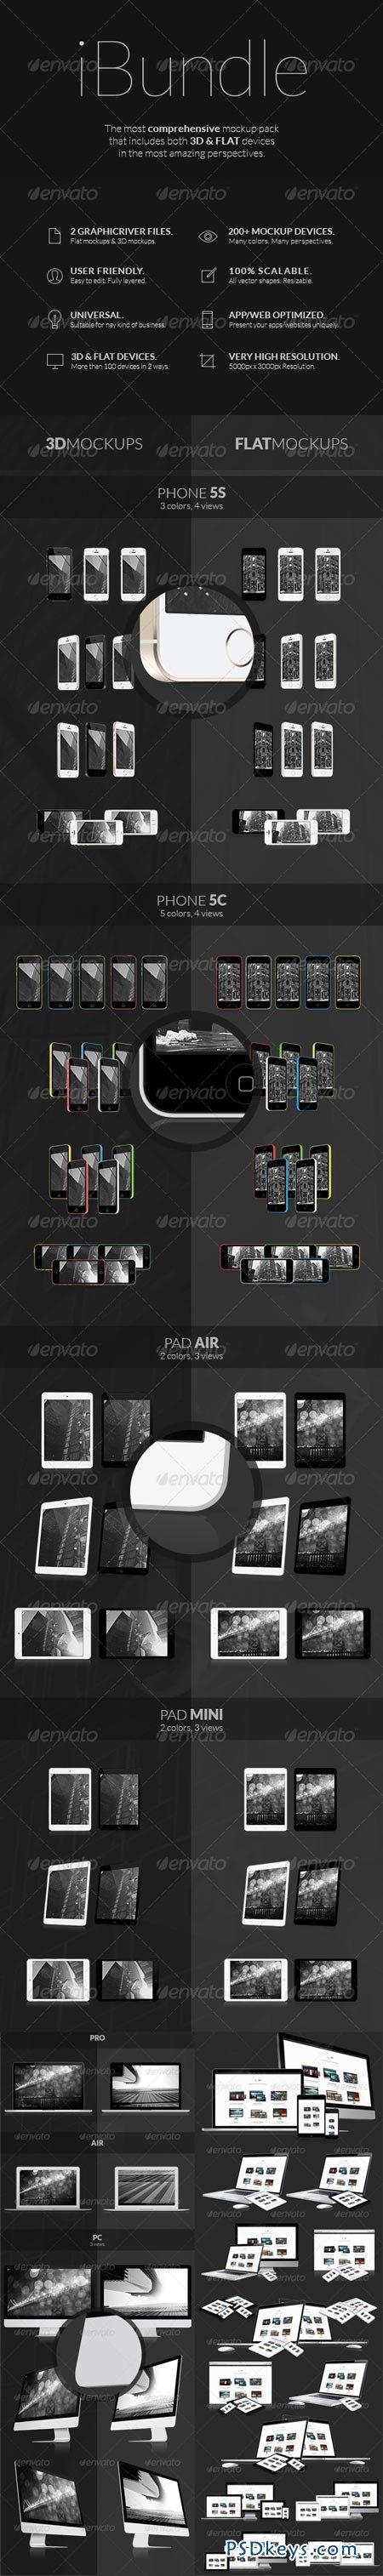 iBundle - 200 Responsive Screen Mockups 6253160